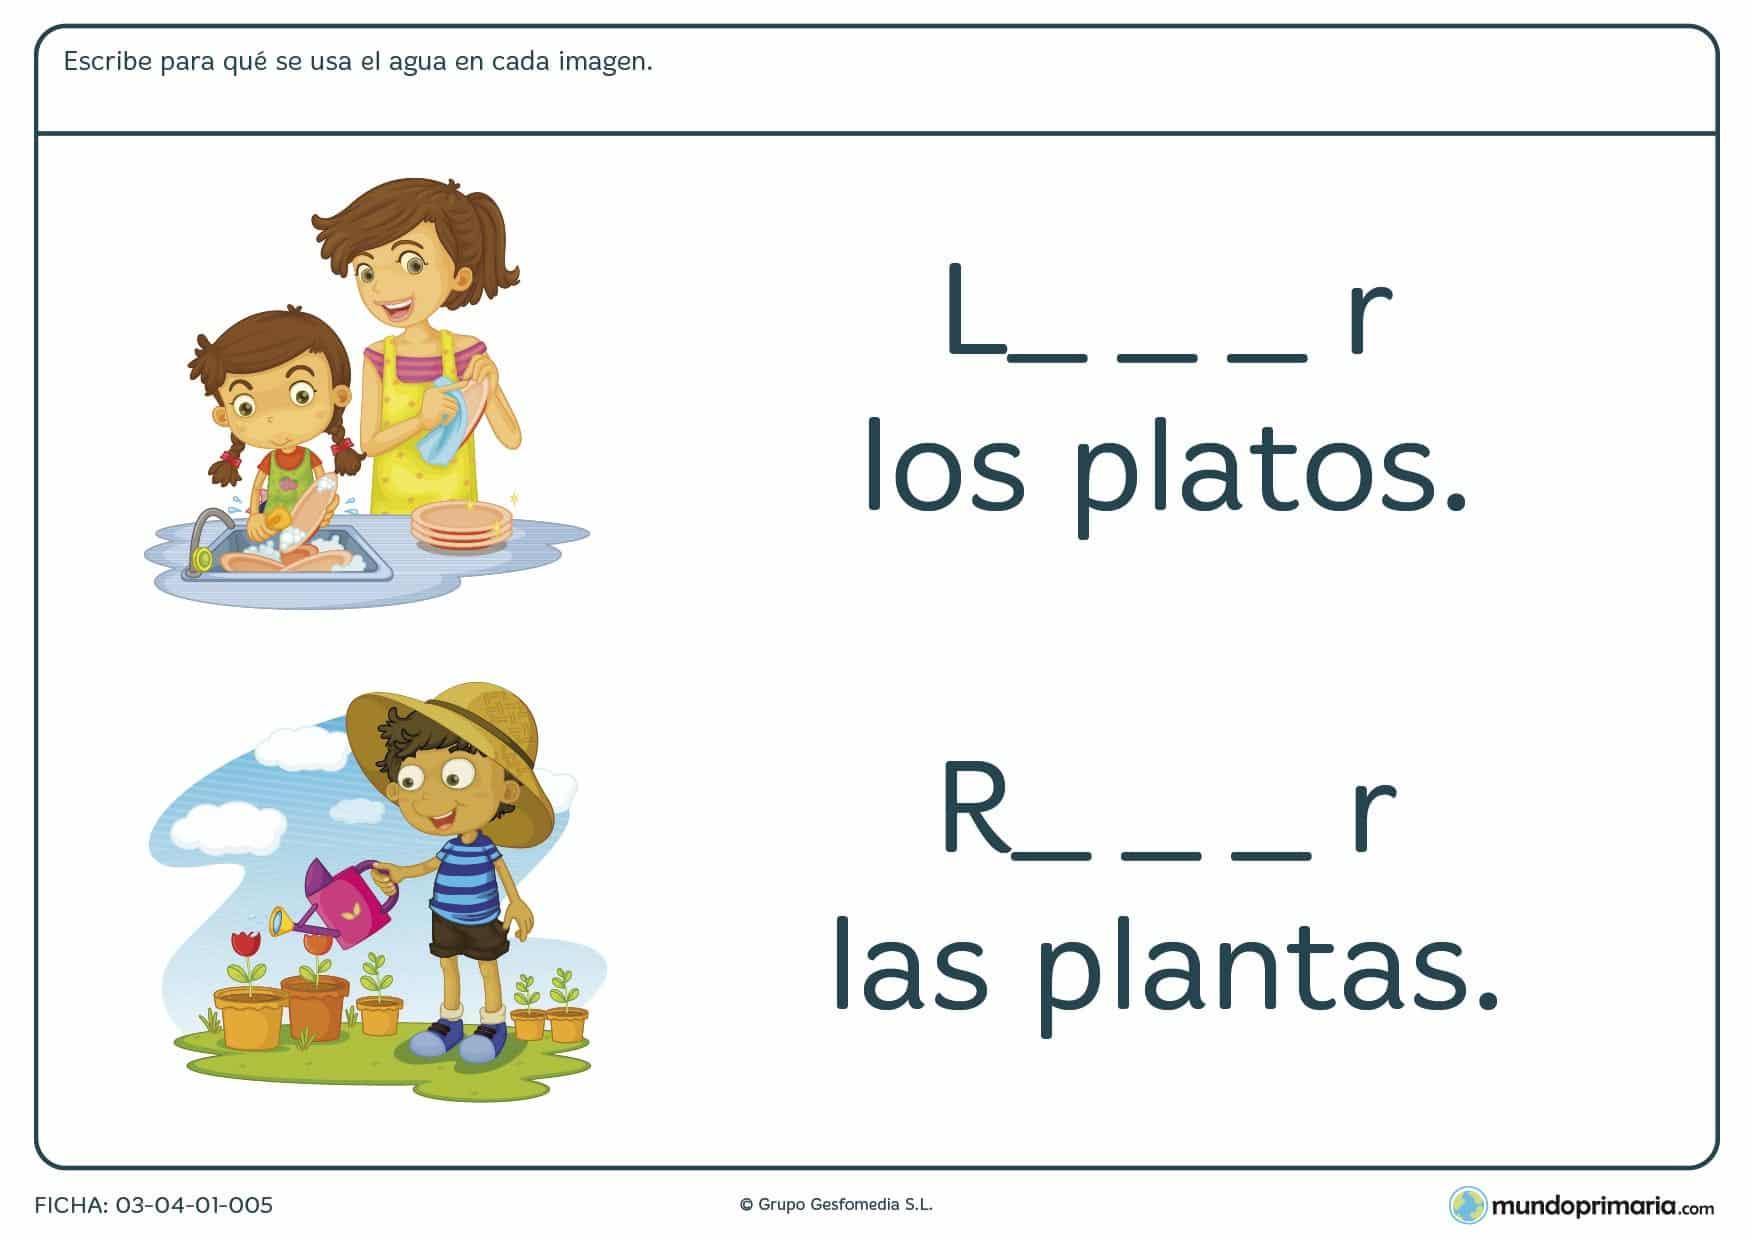 Ficha de los usos del agua para repasar los conocimientos de los niños de primaria sobre el agua